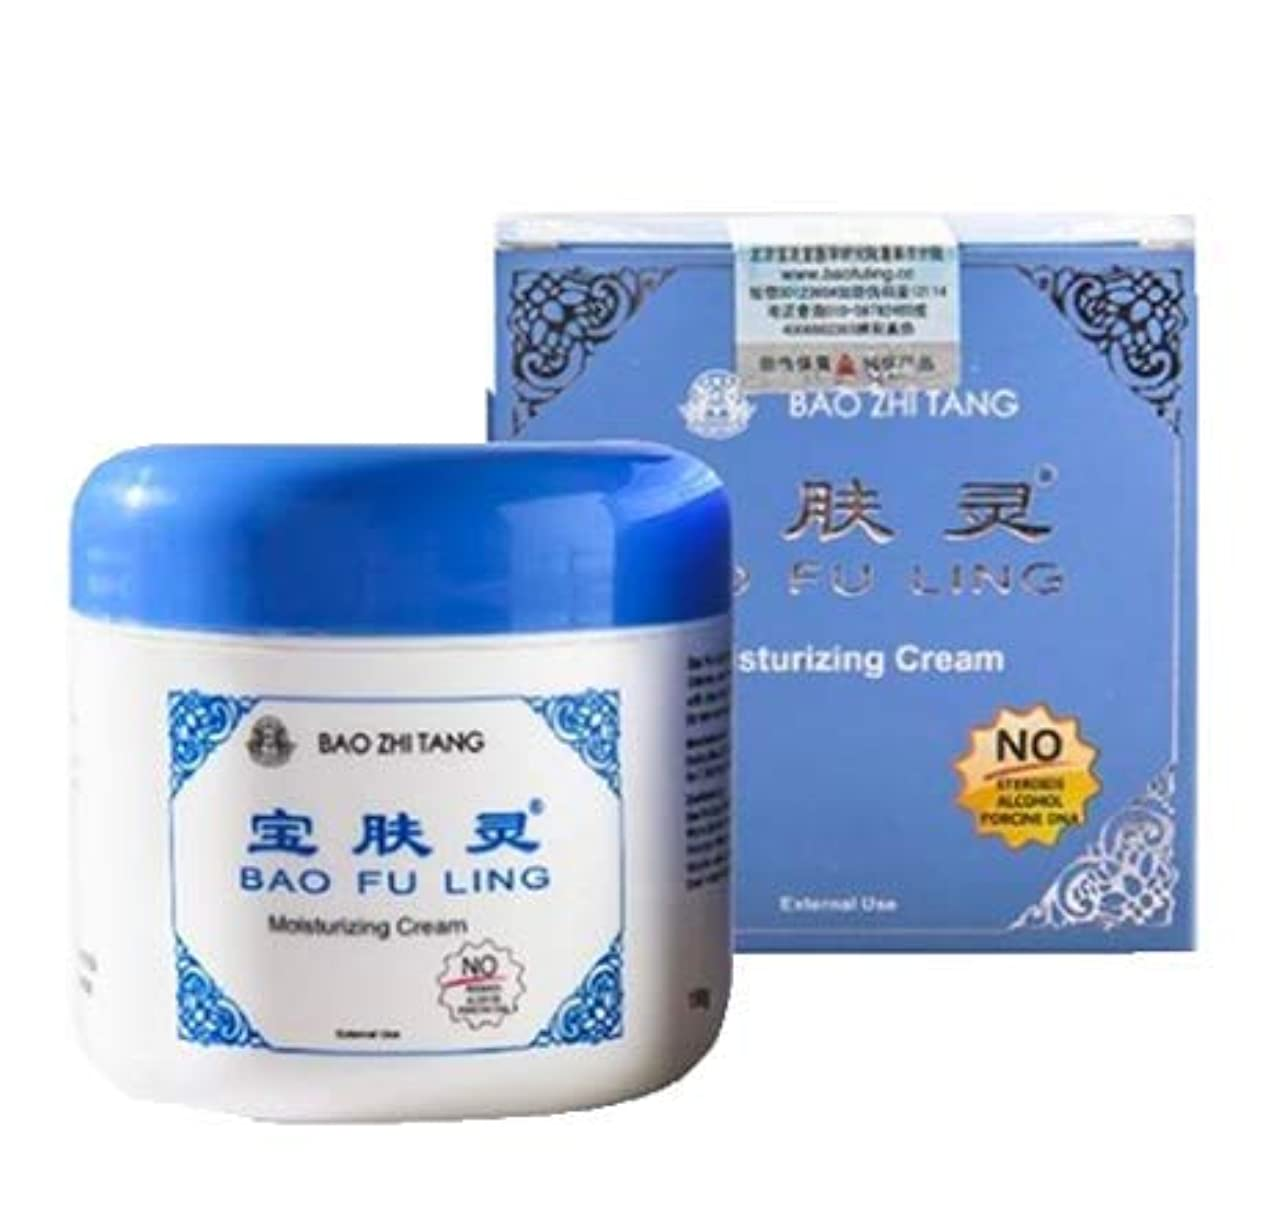 有効な豪華な涙が出る【Bao Fu Ling(宝肤灵)】保湿クリーム Moisturizing Cream (150g) [並行輸入品]